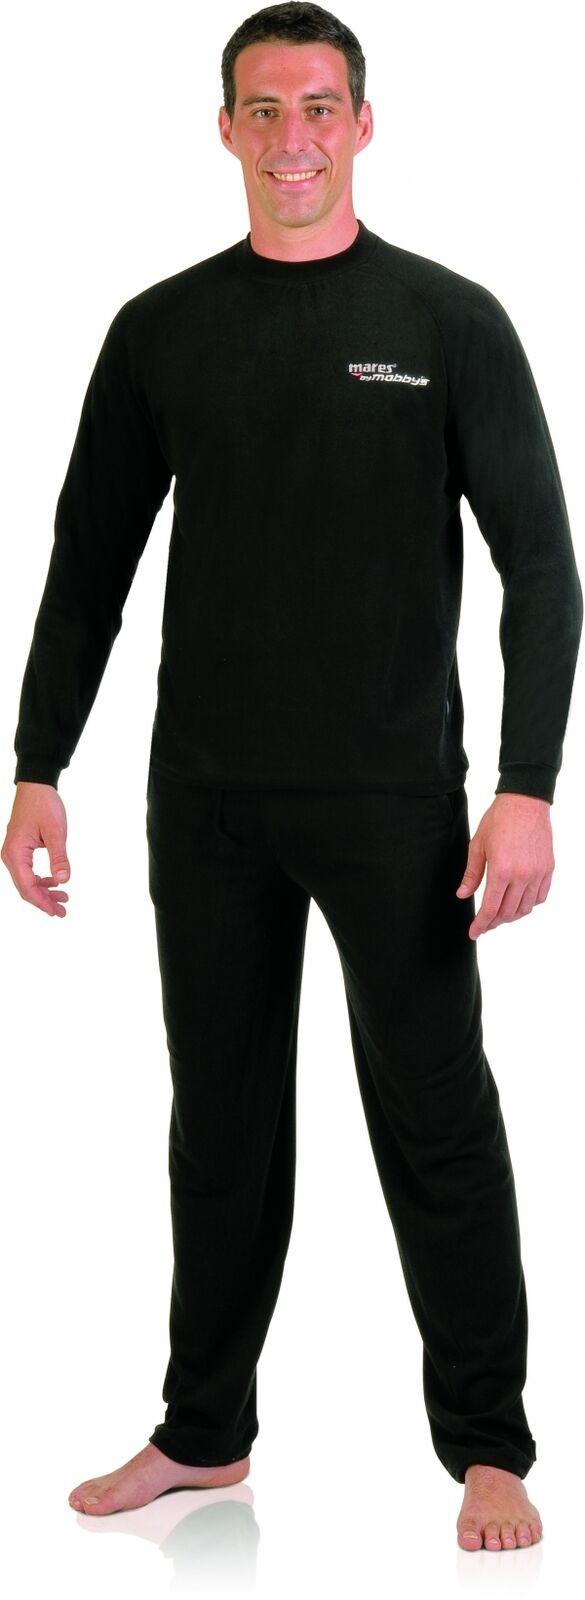 PreisHammer by ATLANTIS - Mares Fleece-Unterzieher Comfort Skin 2-teilig